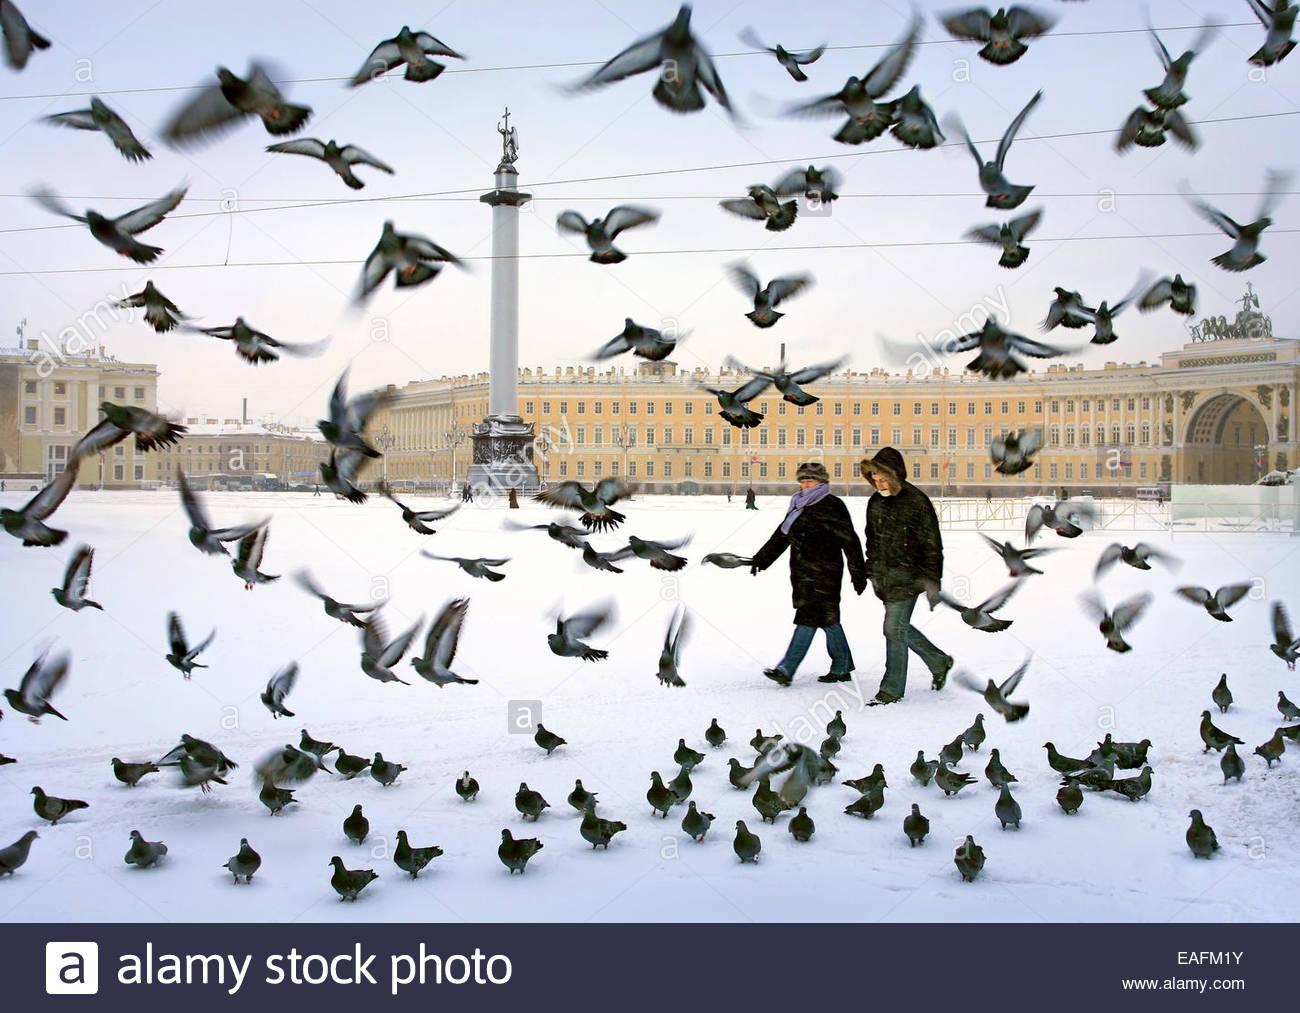 Les oiseaux sur la Place du Palais, colonne Alexandre. Saint-pétersbourg, Russie. Photo Stock